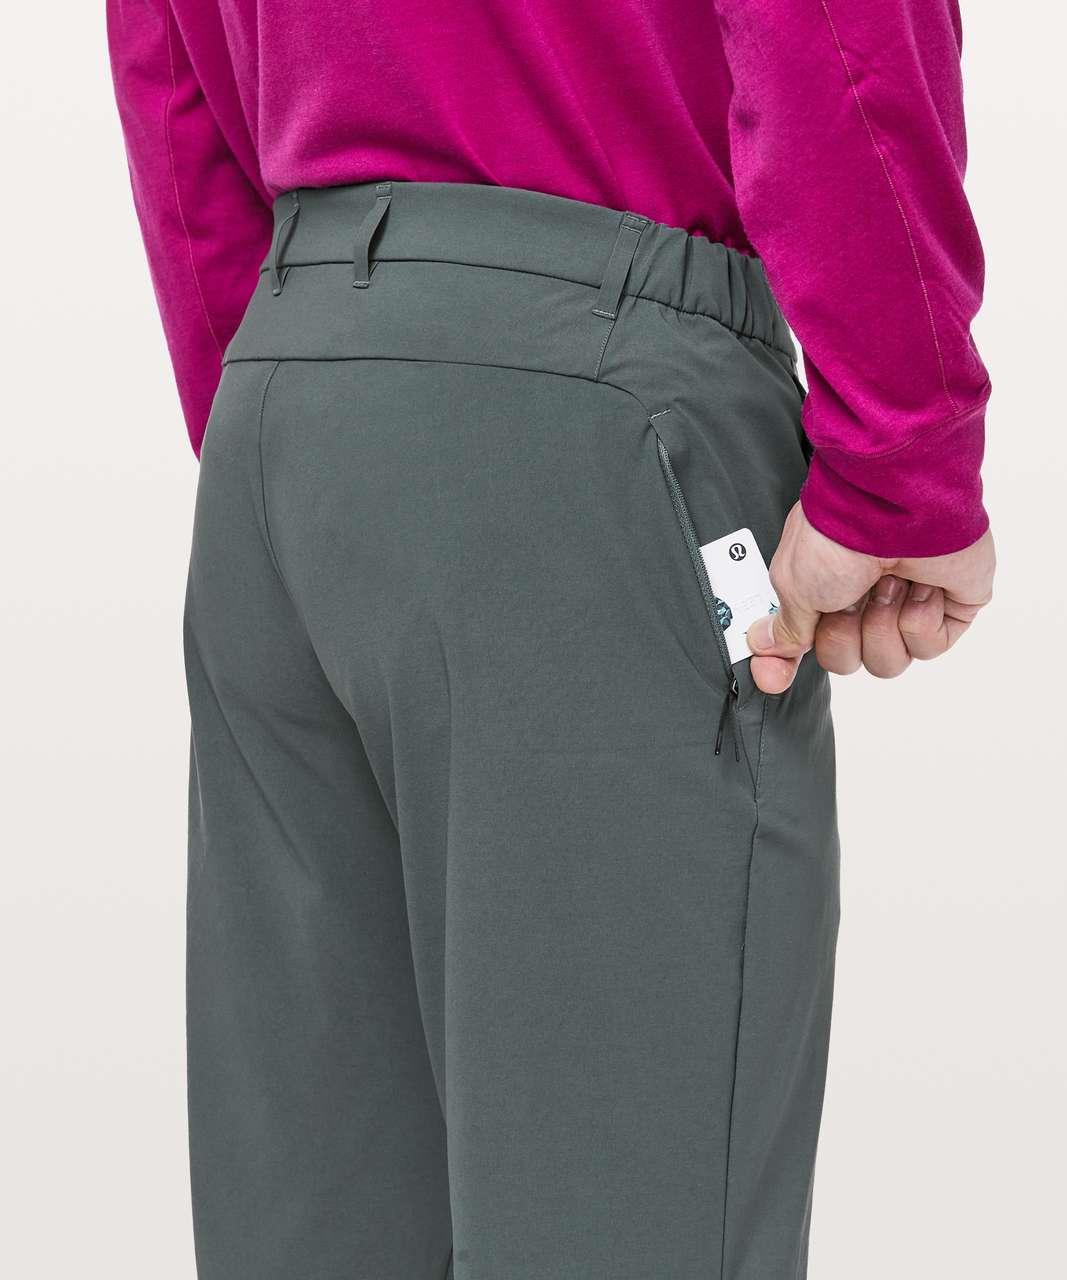 Lululemon Diffract Pant *lululemon Lab - Mercury Marine